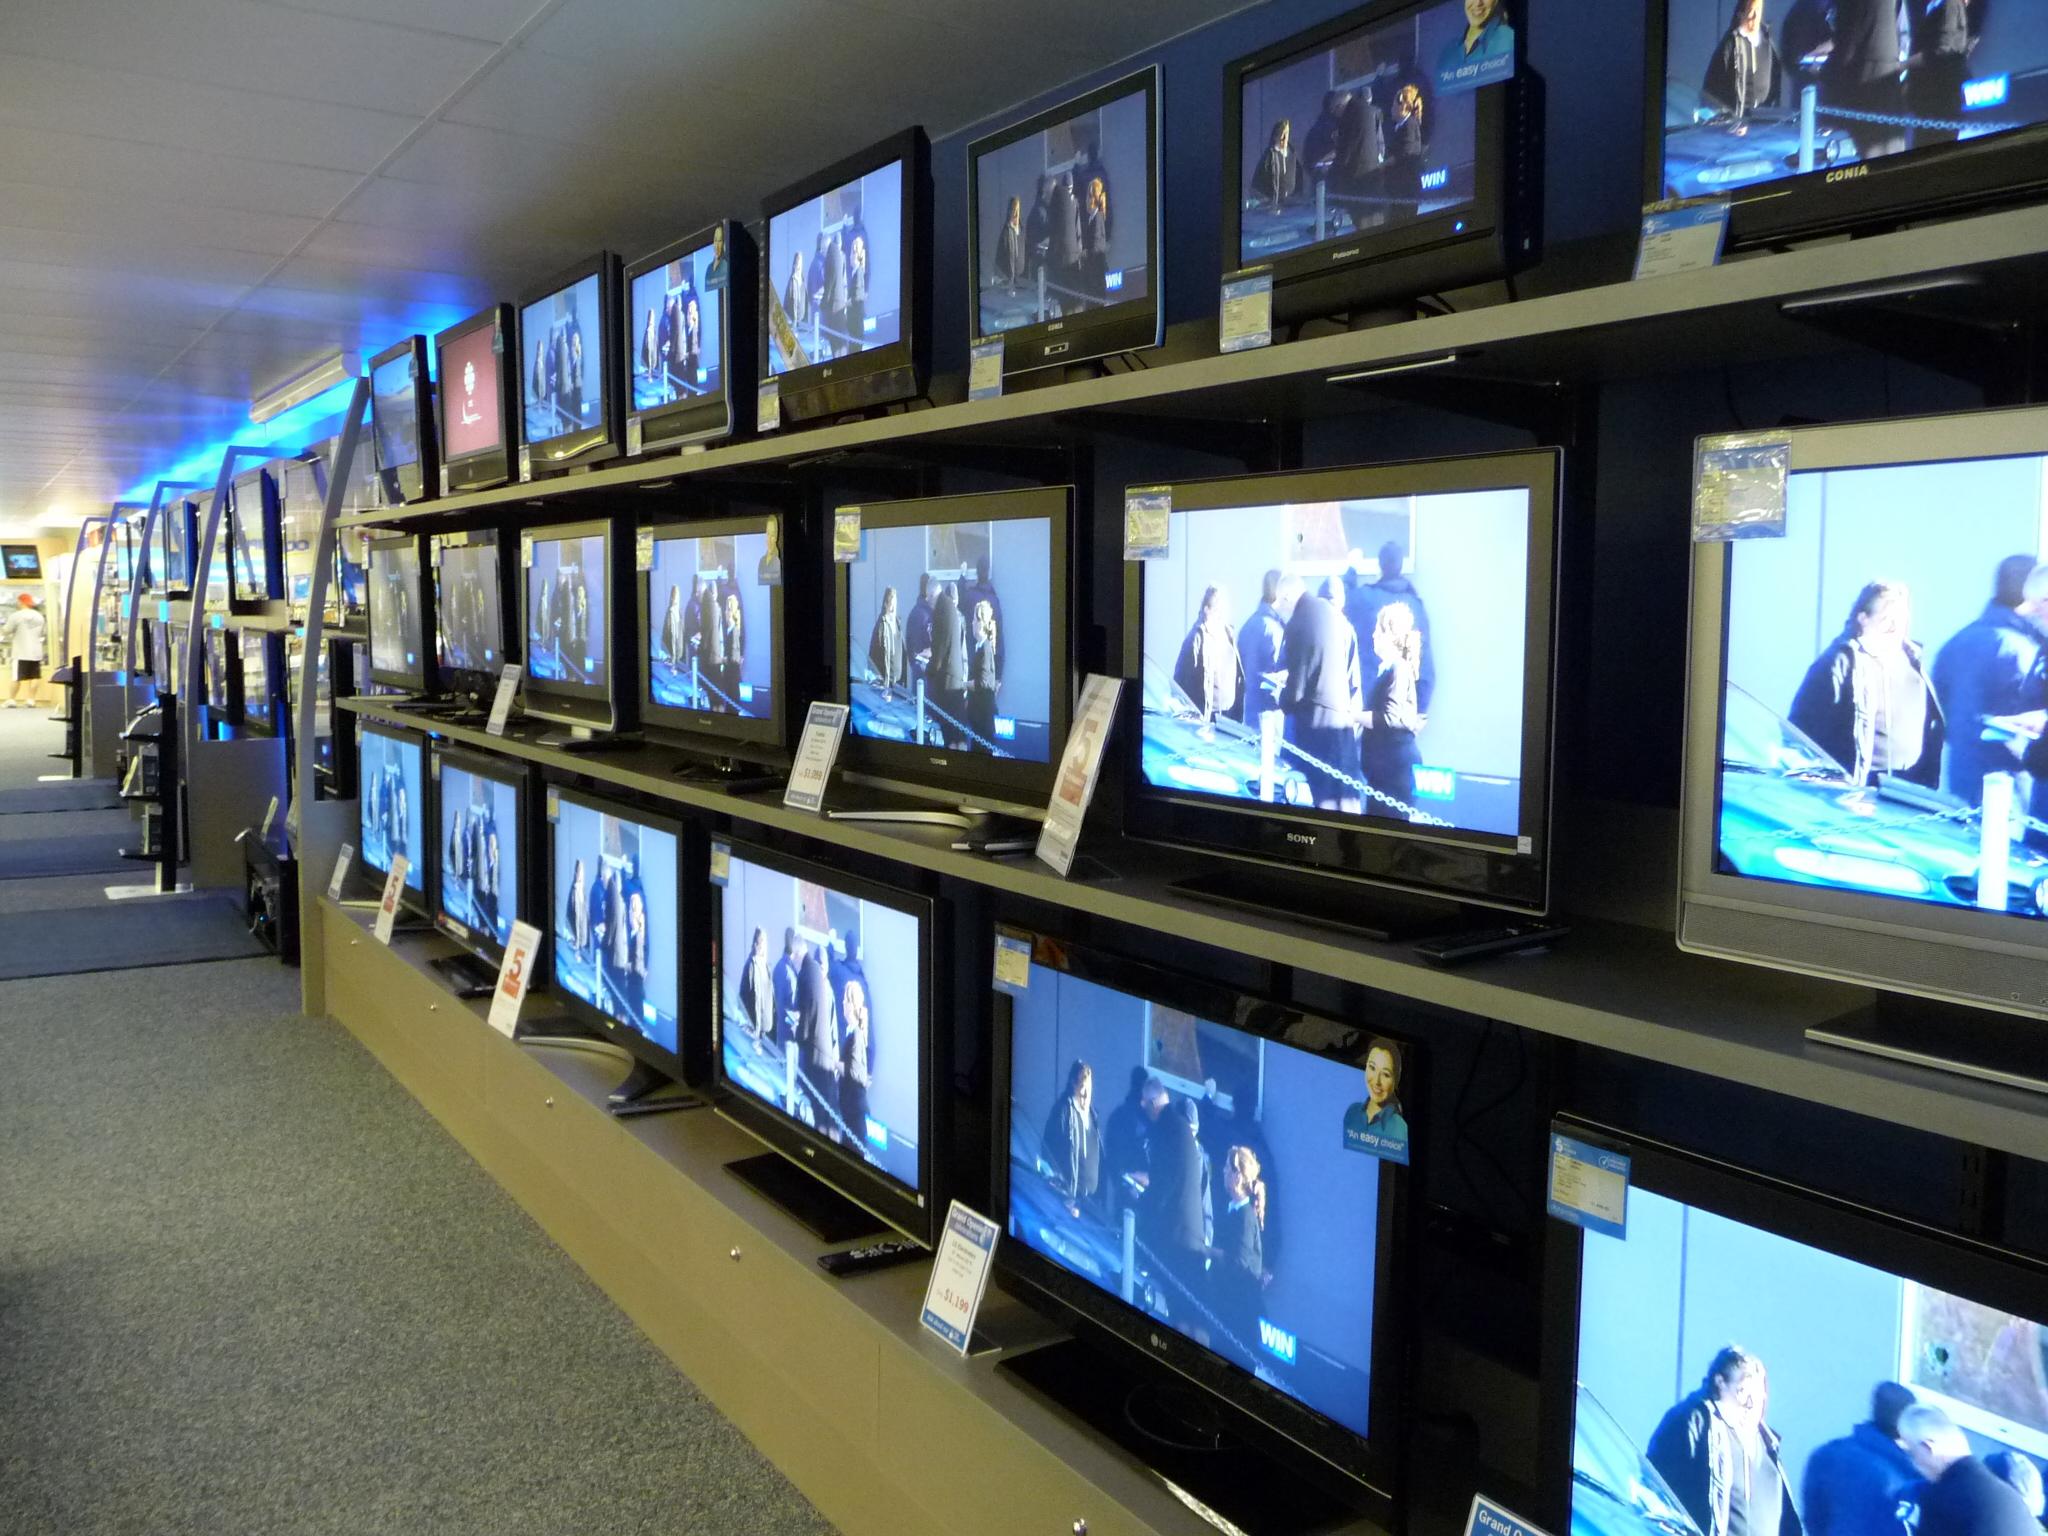 Television - Wikipedia